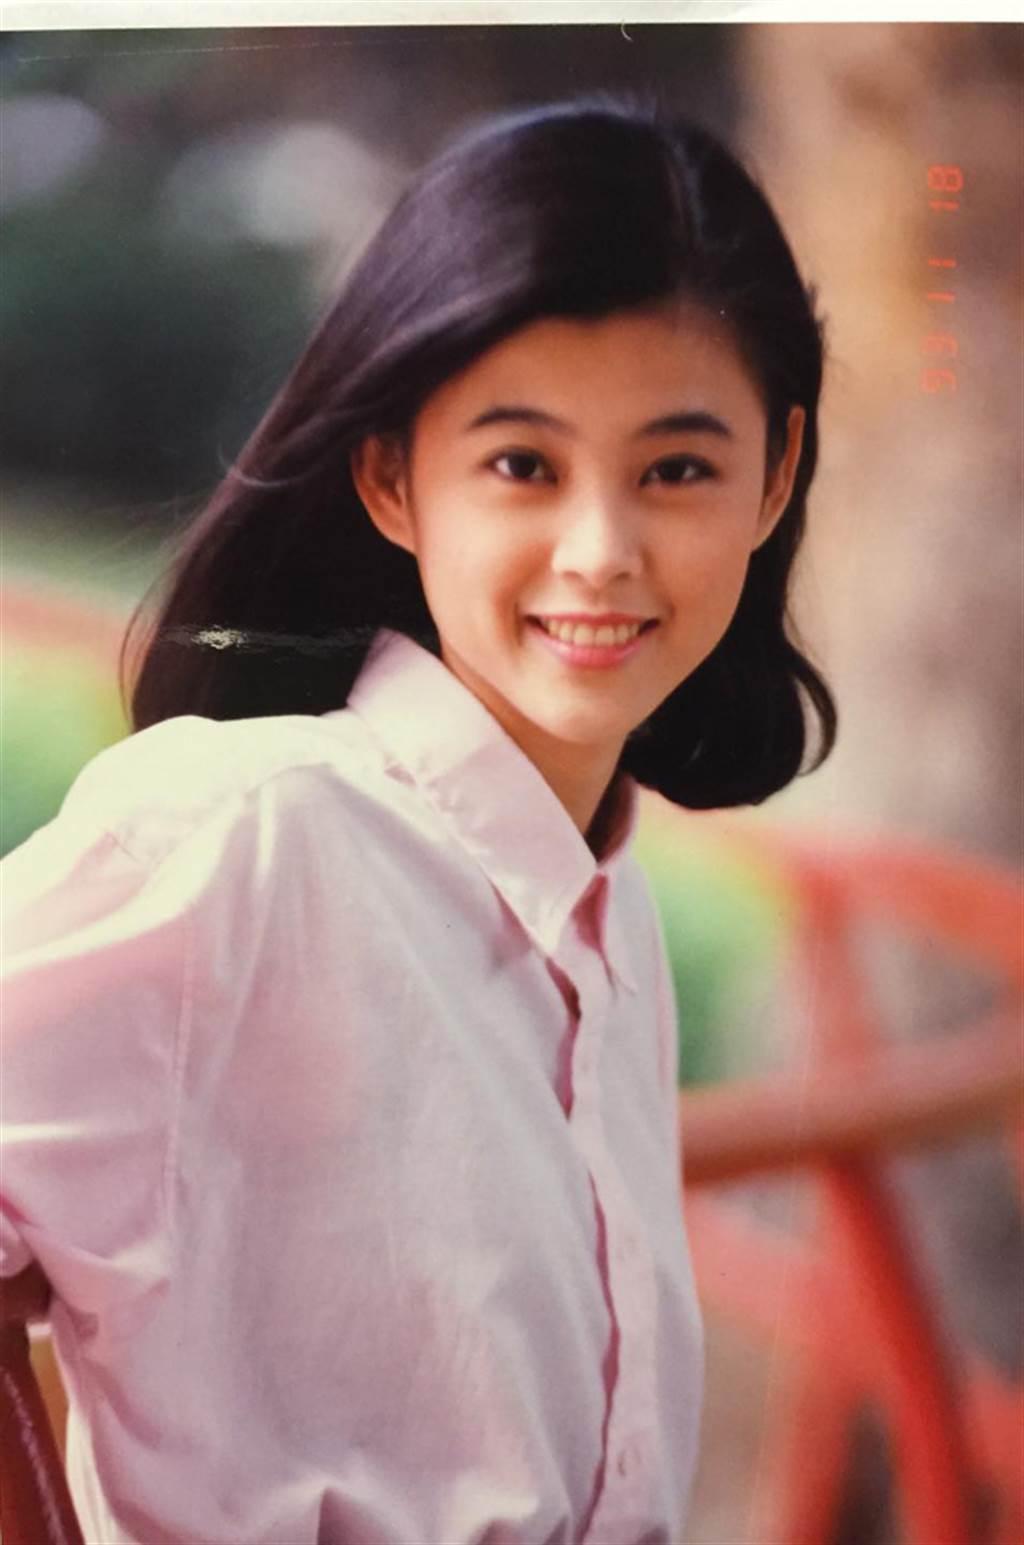 方馨公開22歲嫩照,被讚完全是校花等級。(翻攝自自方馨的粉絲部臉書)